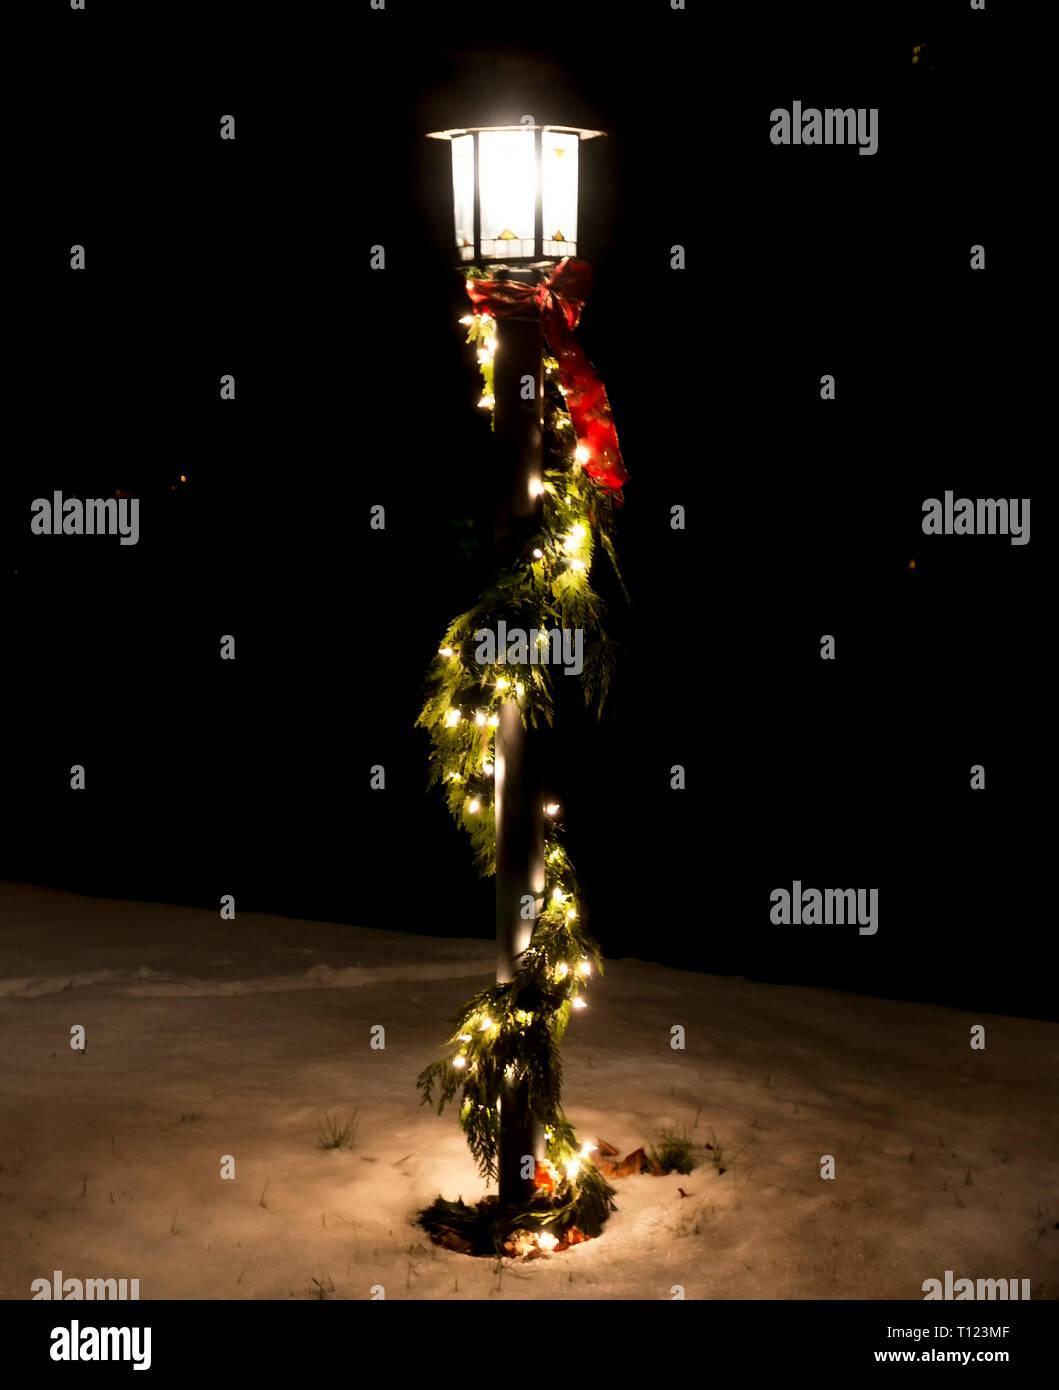 Un pôle d'éclairage est décoré de green garland s'enroulent autour du pôle avec les lumières de Noël attaché la nuit avec de la neige couvrant le sol. Photo Stock